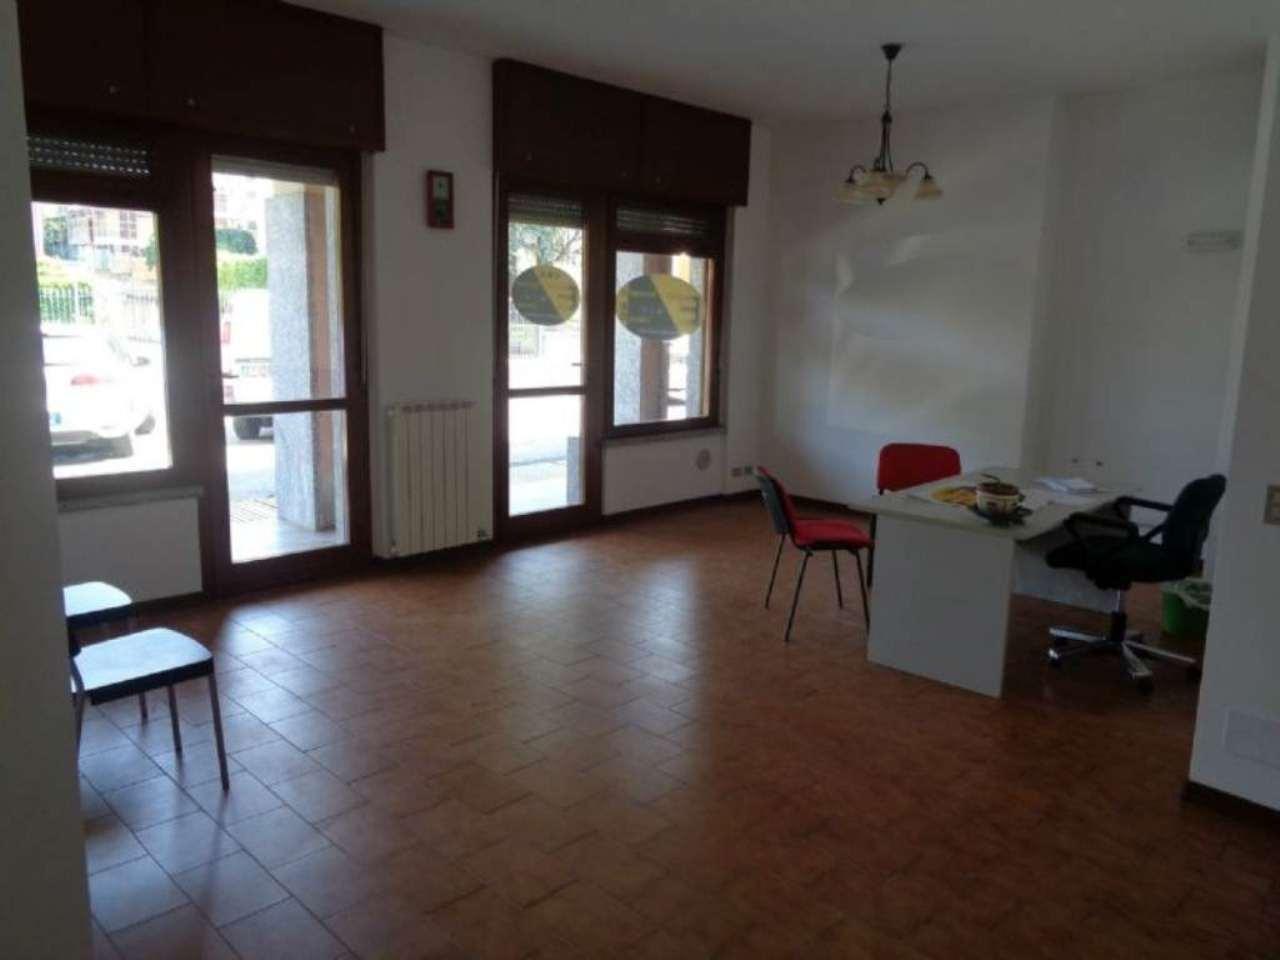 Negozio / Locale in vendita a Malnate, 1 locali, prezzo € 58.000 | CambioCasa.it